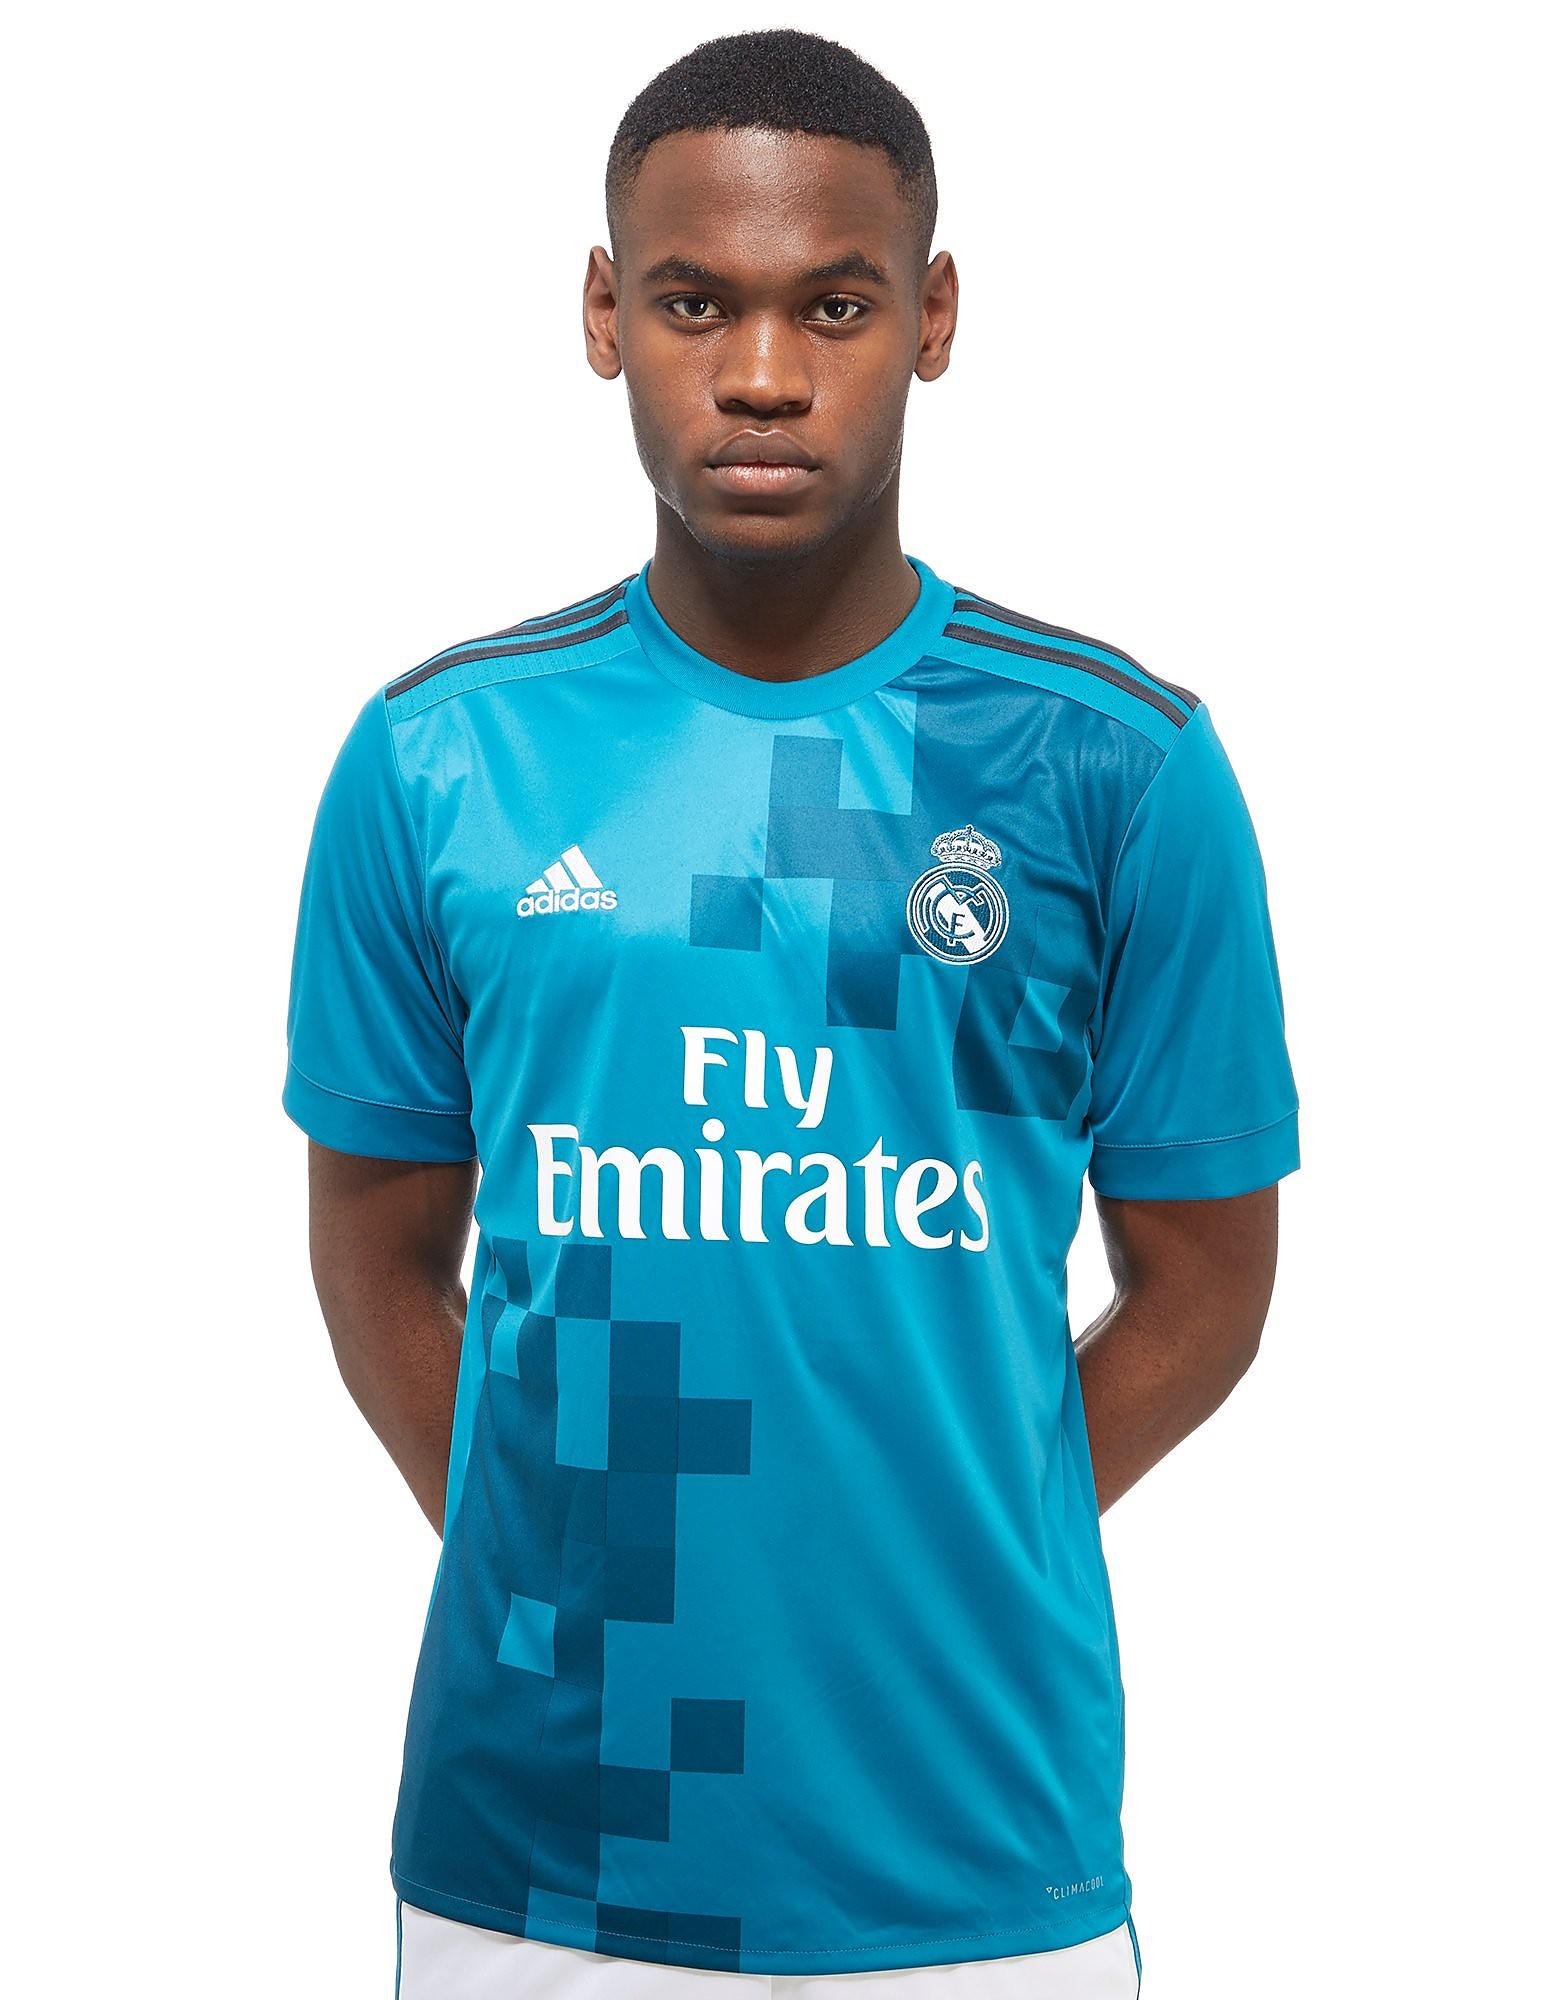 adidas Real Madrid 2017/18 Third Shirt